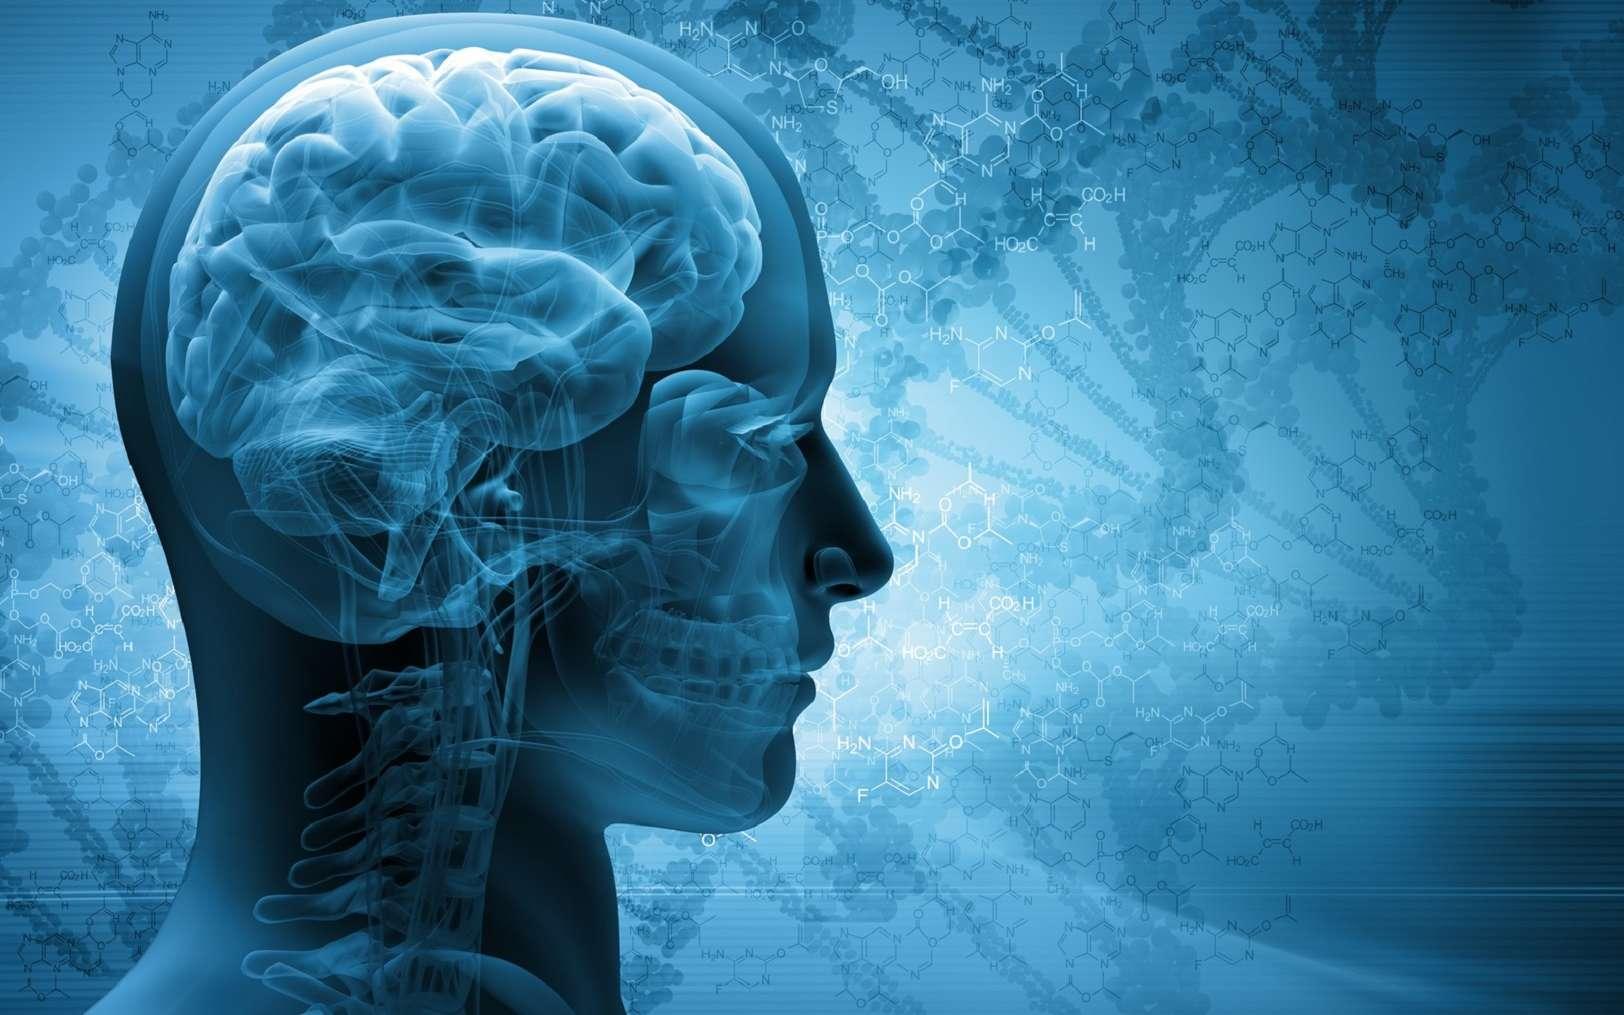 Un cerveau gros permet de trouver plus facilement des solutions aux problèmes posés par le milieu de vie. © adimas, Fotolia